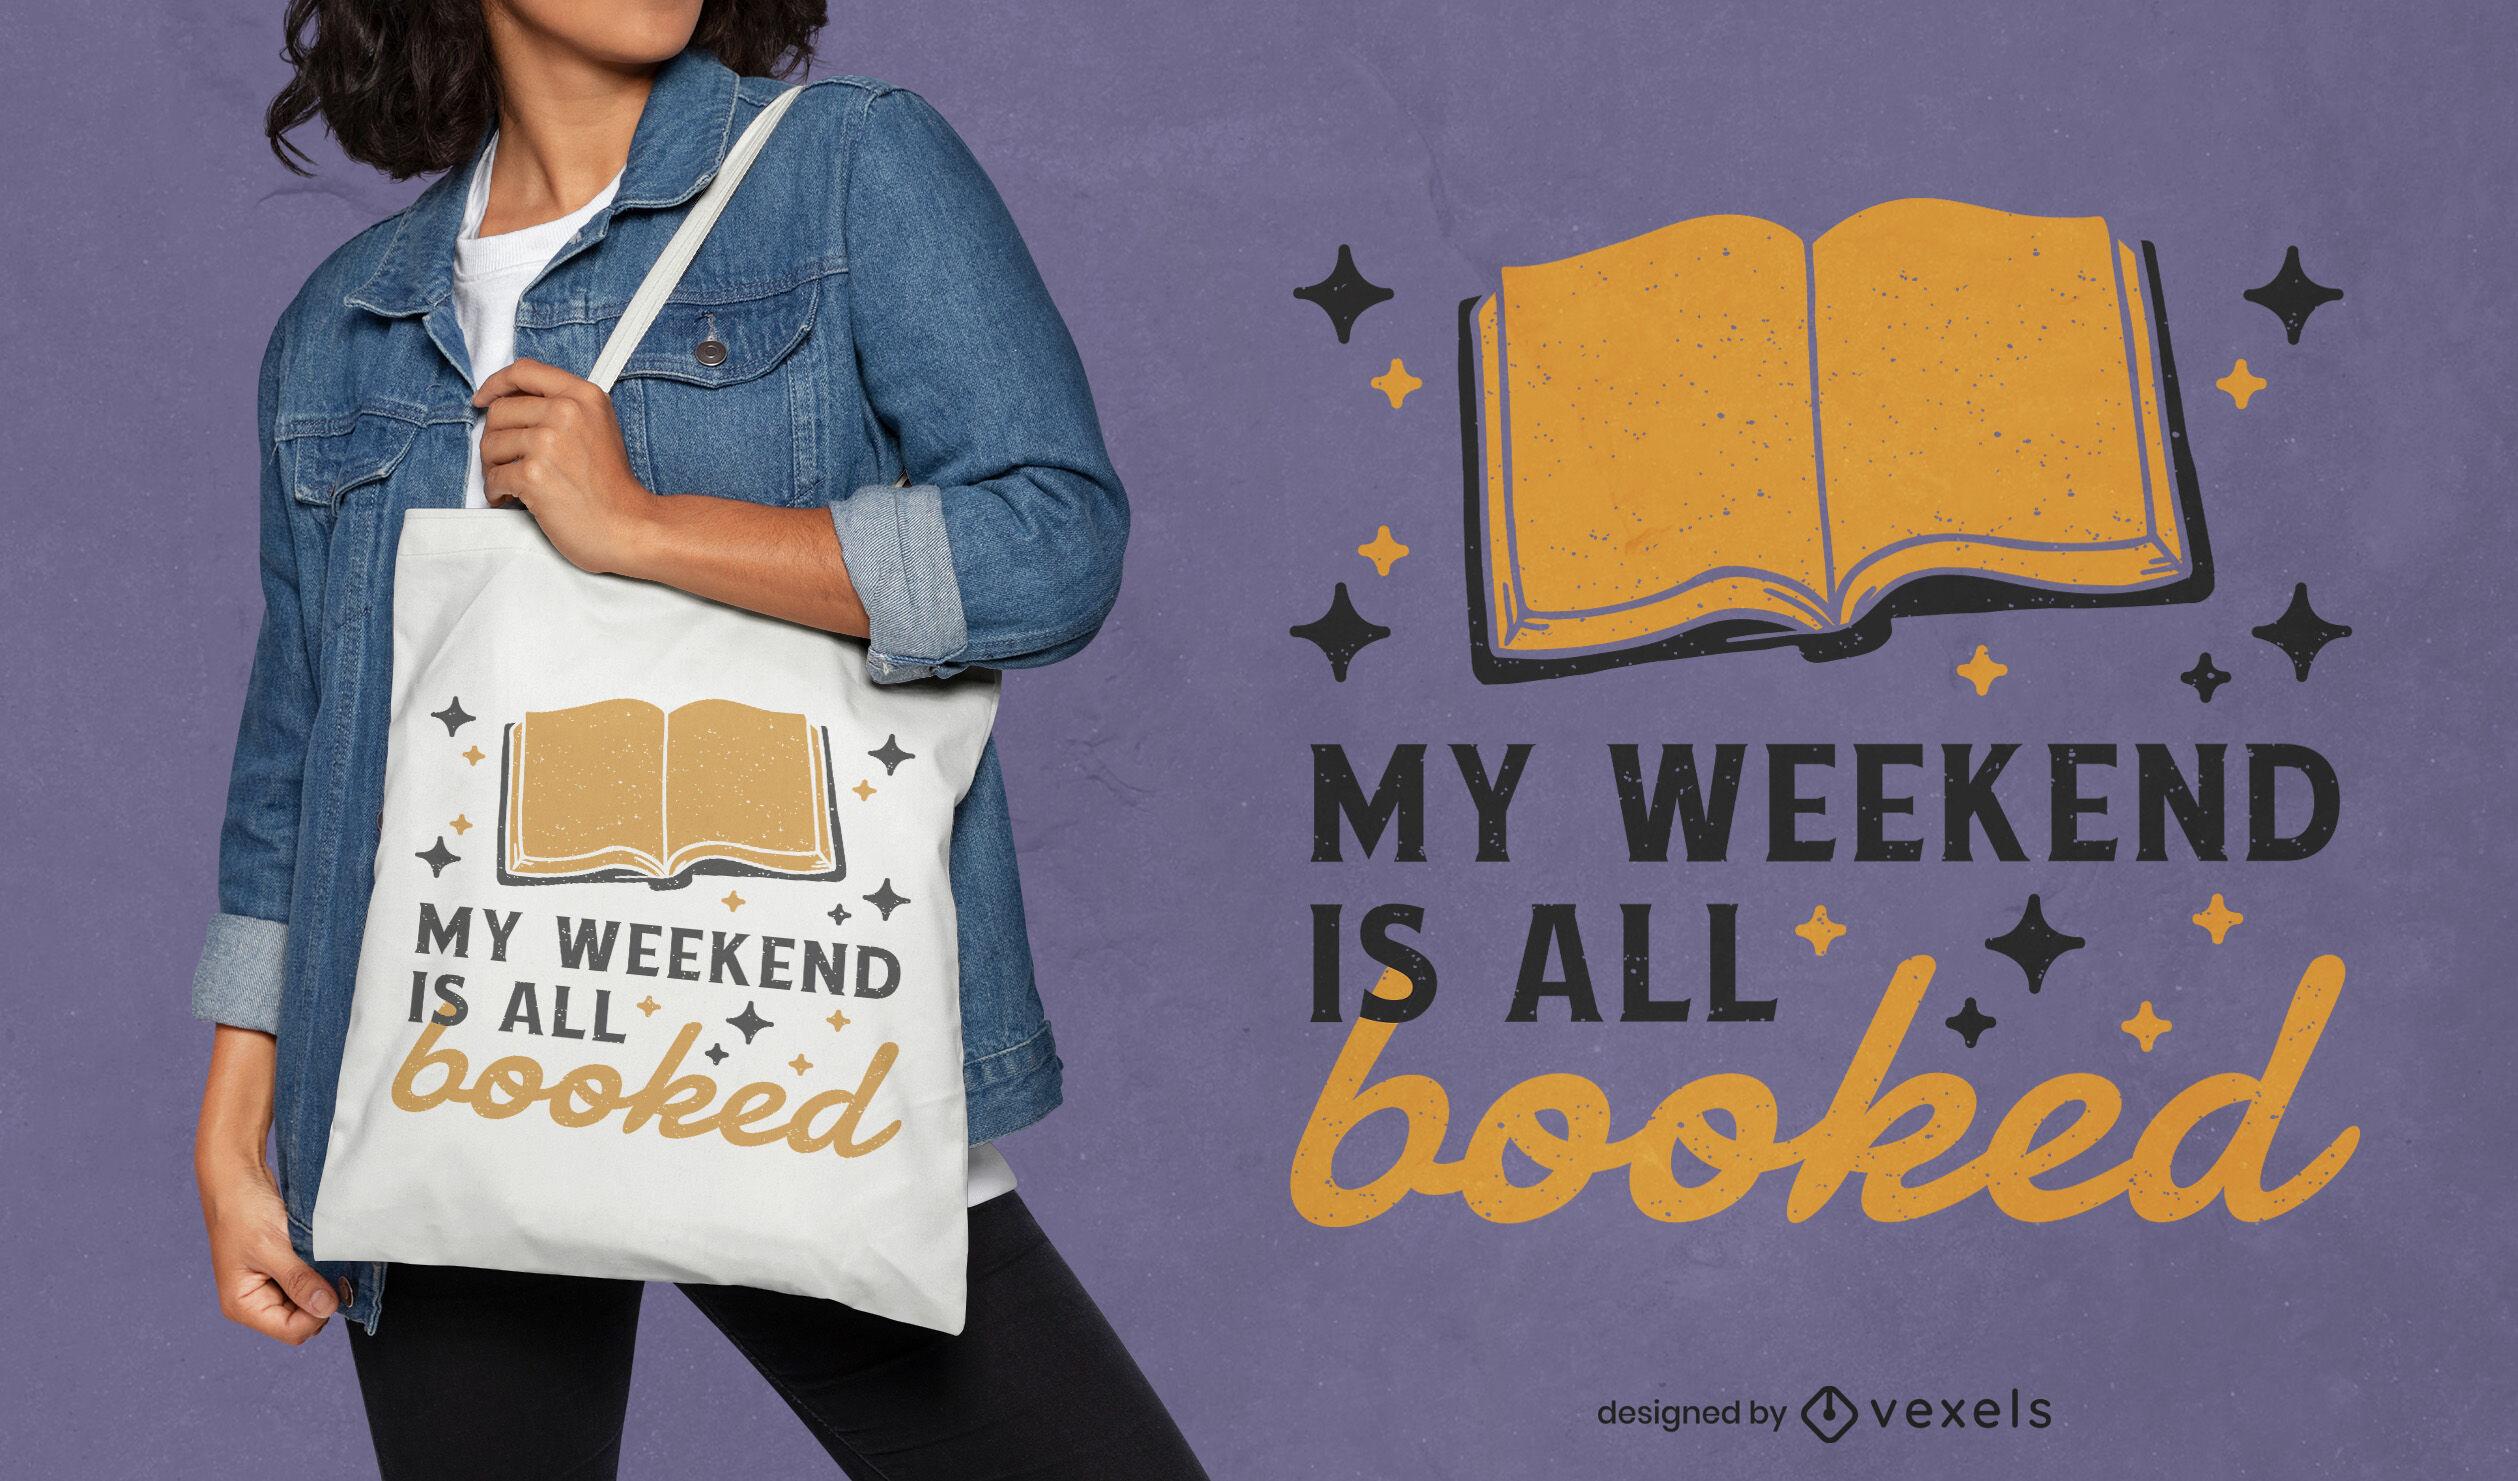 Ler livros hobby trocadilho design de sacola